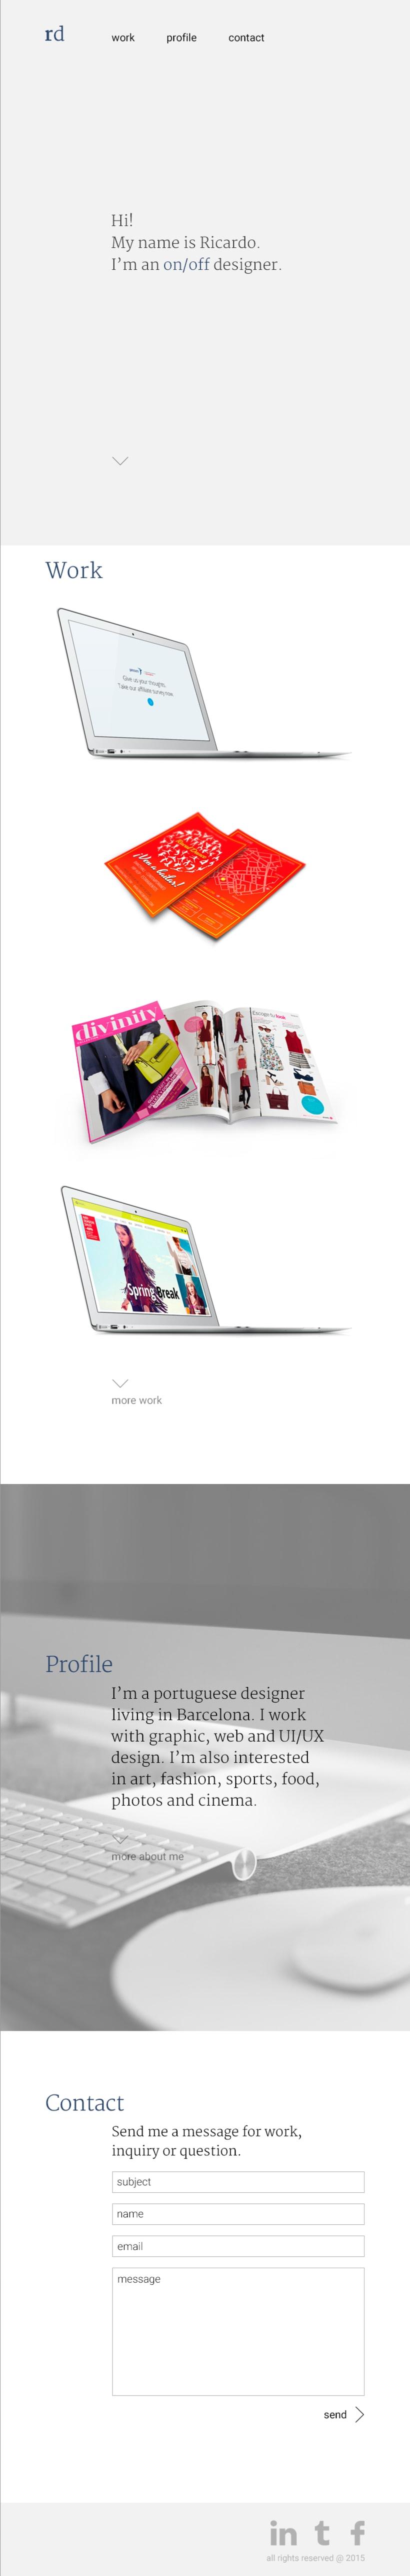 Mi Proyecto del curso: Diseño web: Be Responsive! 7